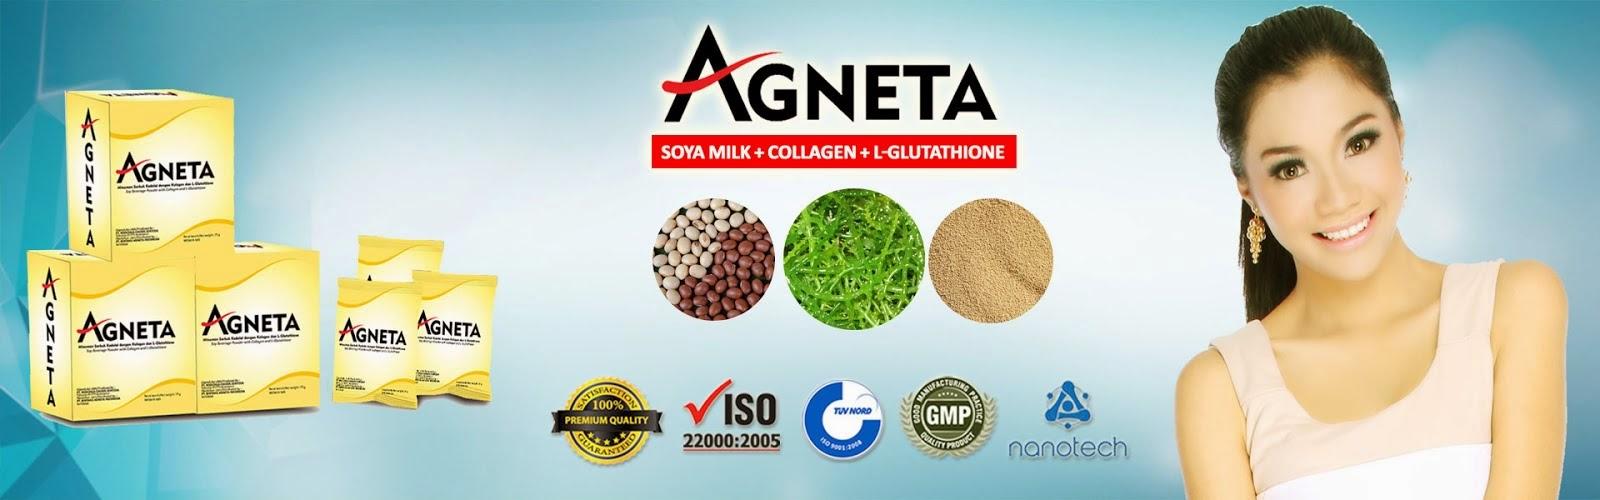 Distributor Agneta